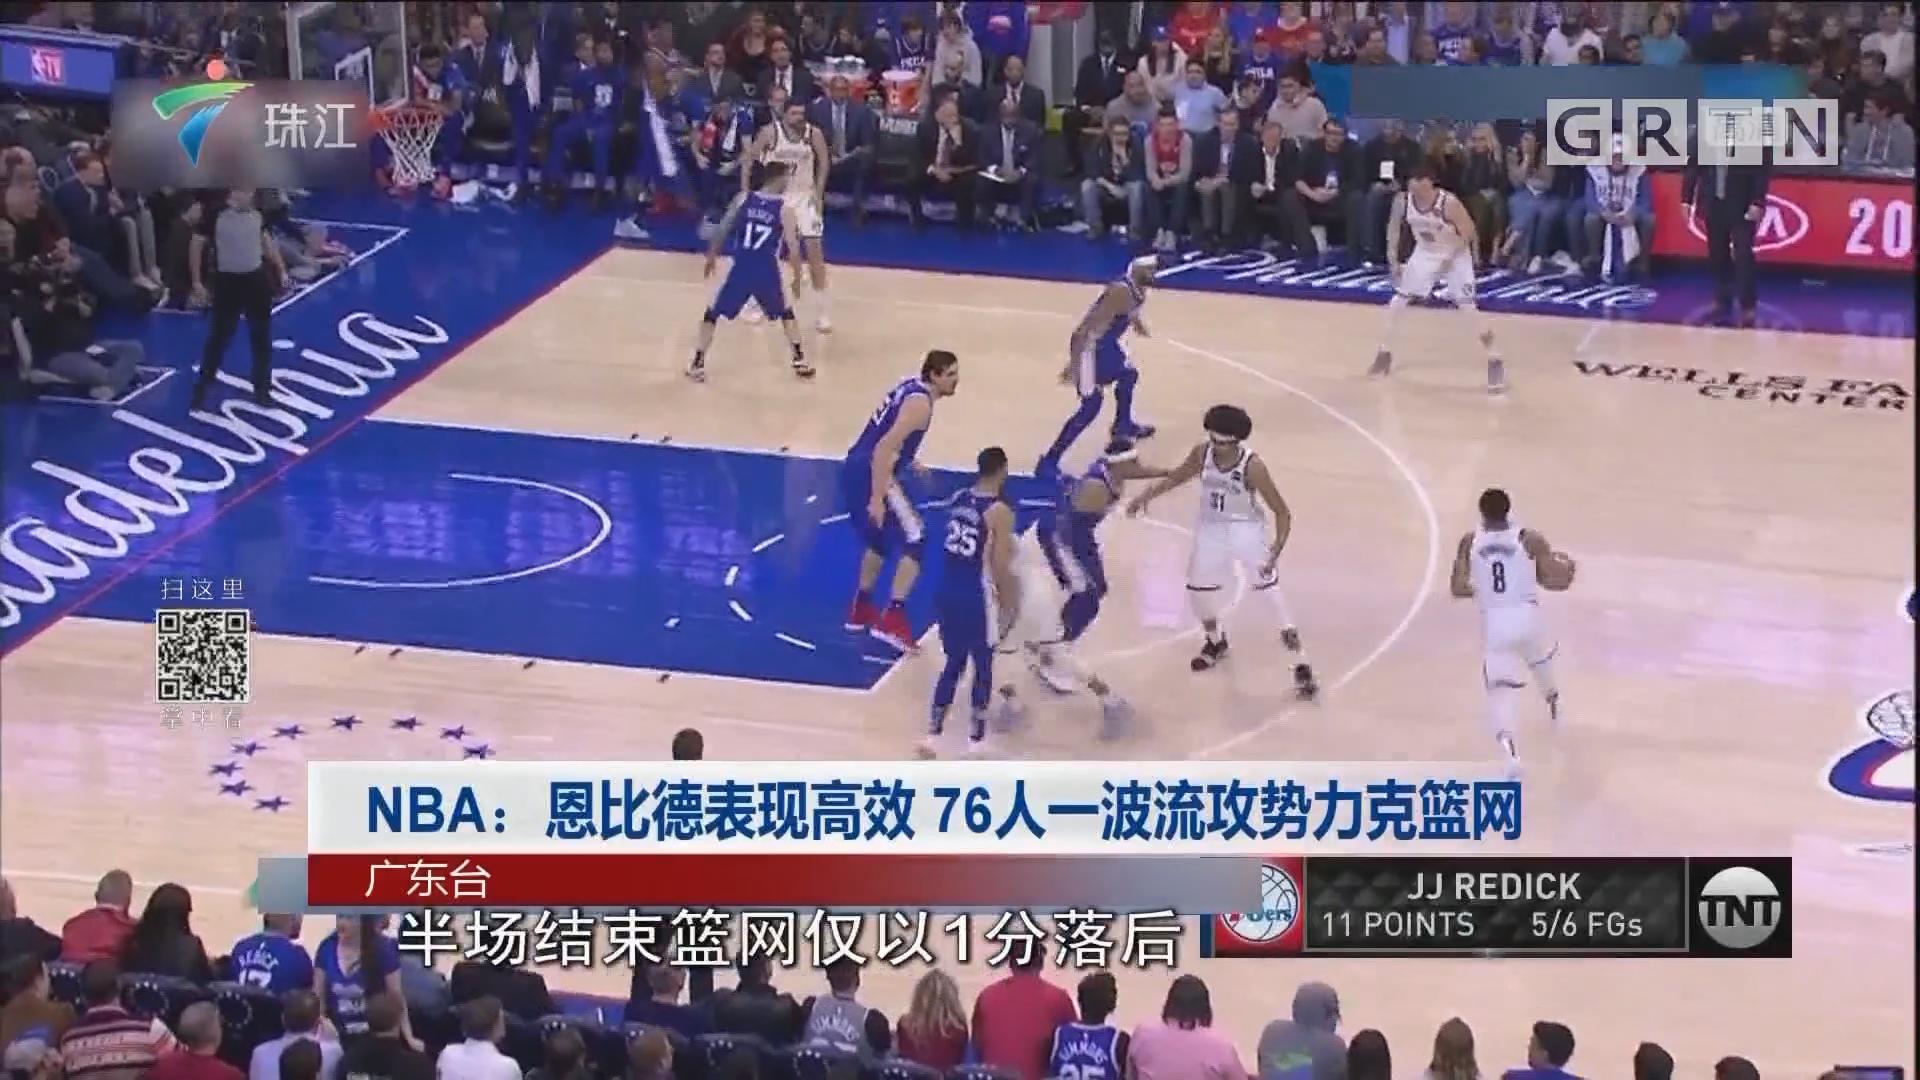 NBA:恩比德表现高效 76人一波流攻势力克篮网